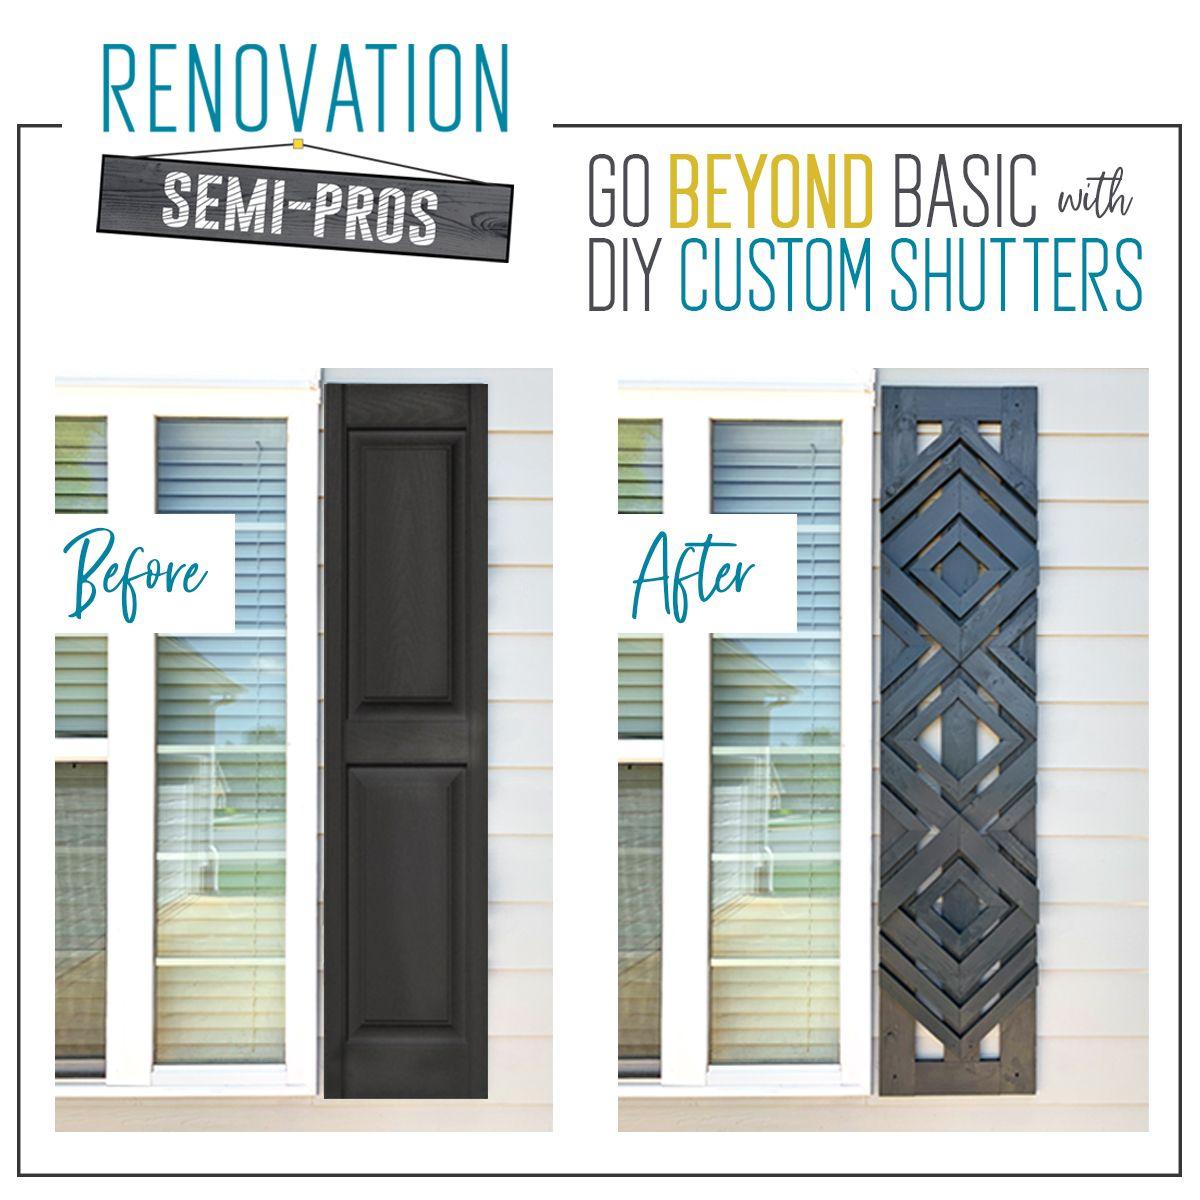 Designer-Inspired DIY Custom Shutters